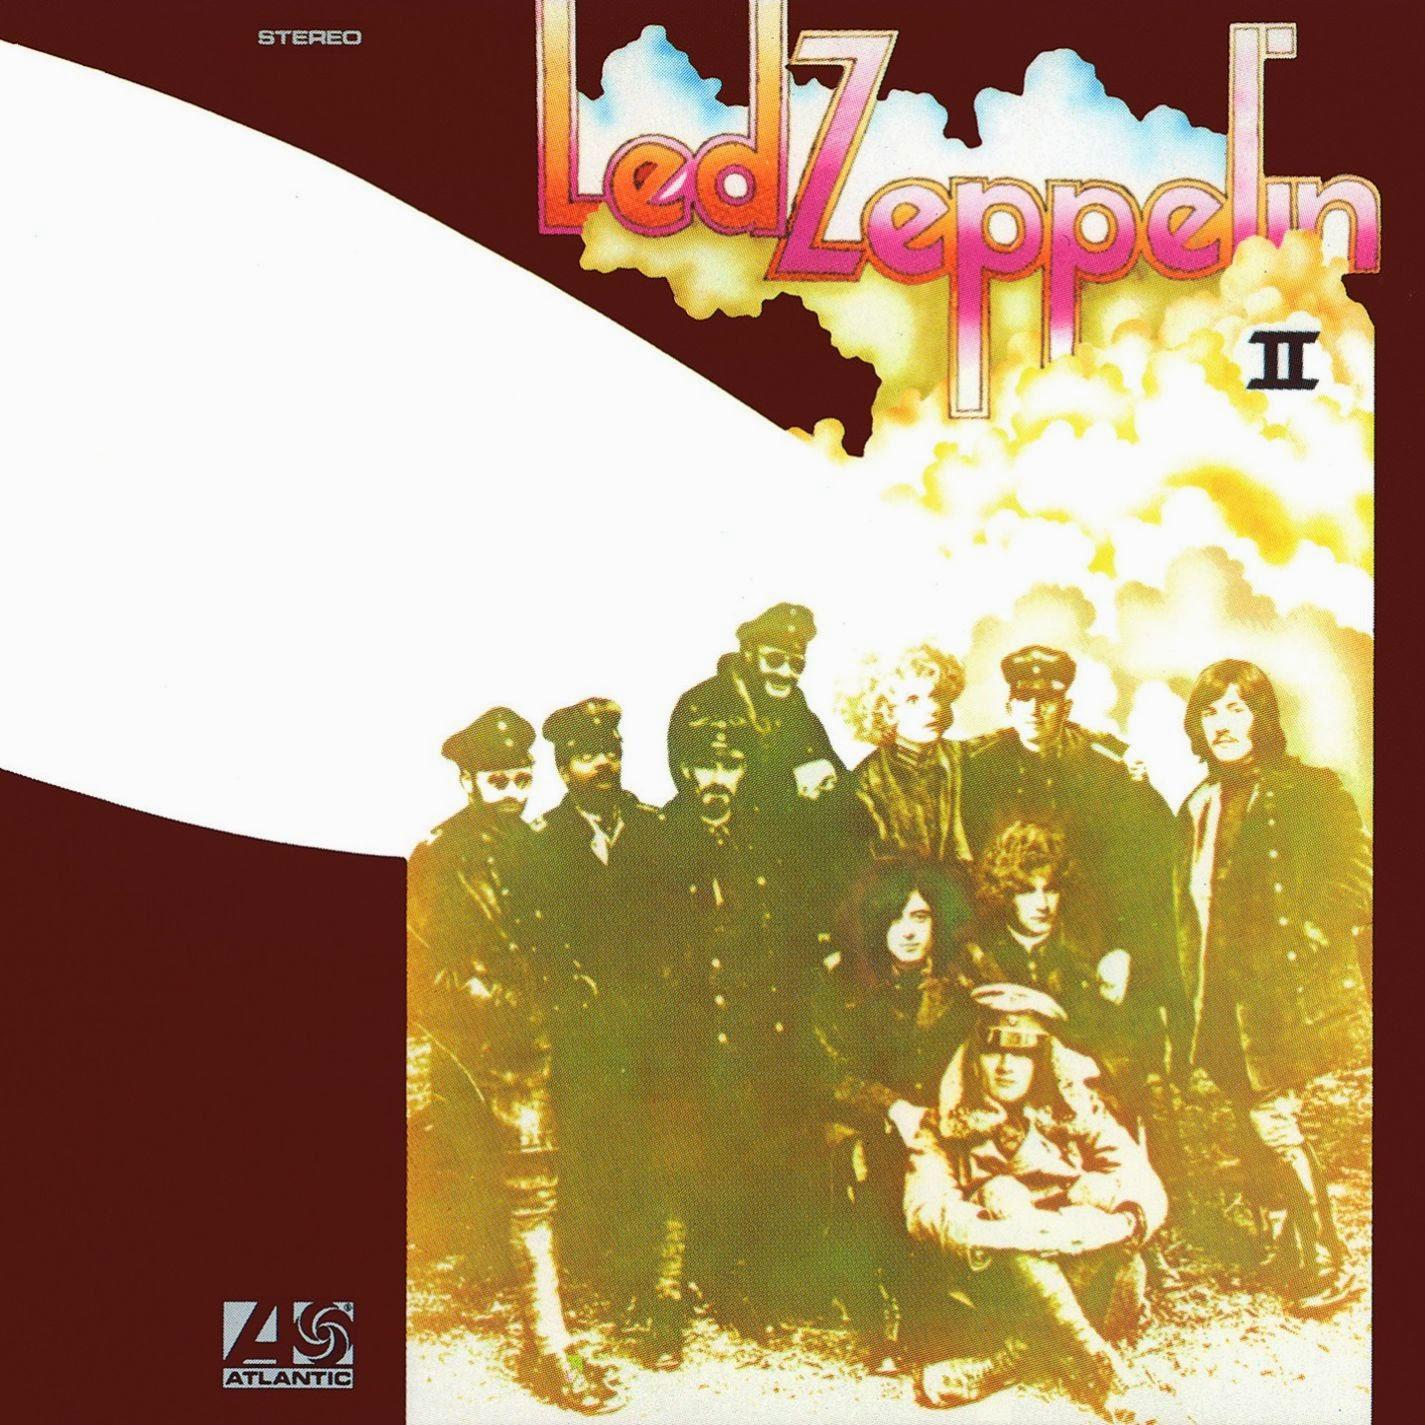 1969 - Led Zeppelin II